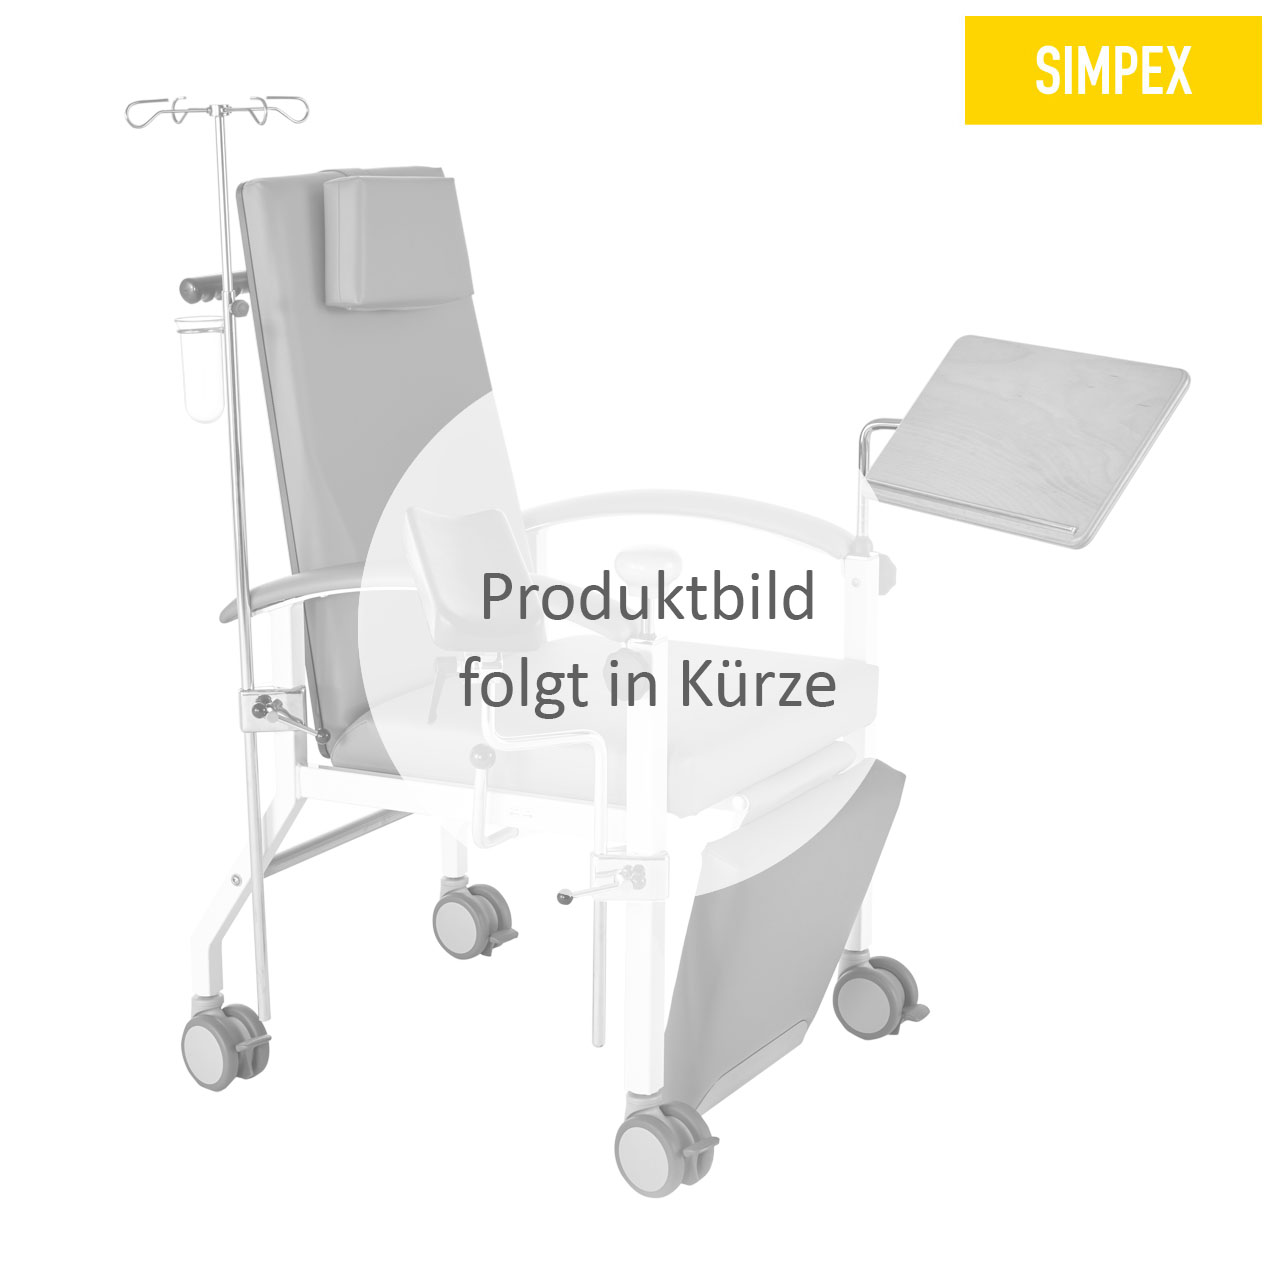 Blutentnahmestuhl Stuhl HAEMO-LINEA Cuneo Expander Alto mit Kunstleder in gelb (mais) und einem Gestell aus Stahl verchromt von SIMPEX